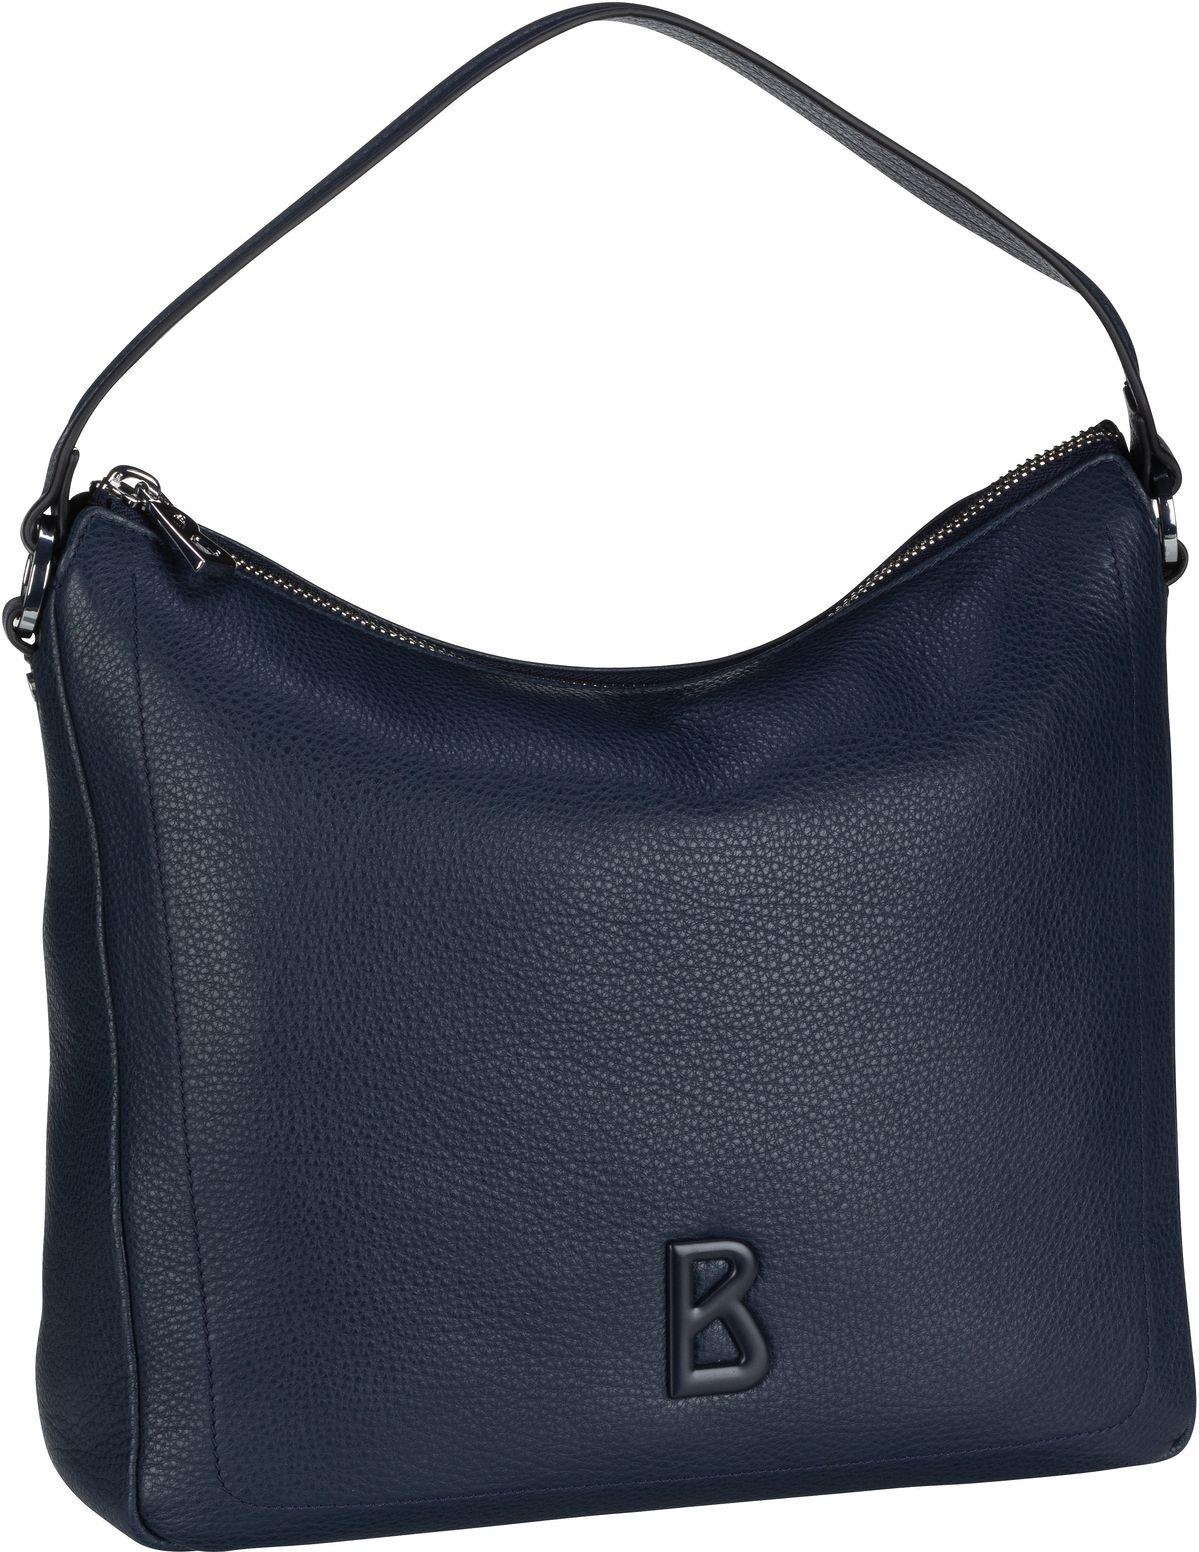 Handtasche Andermatt Marie Hobo MHZ Dark Blue